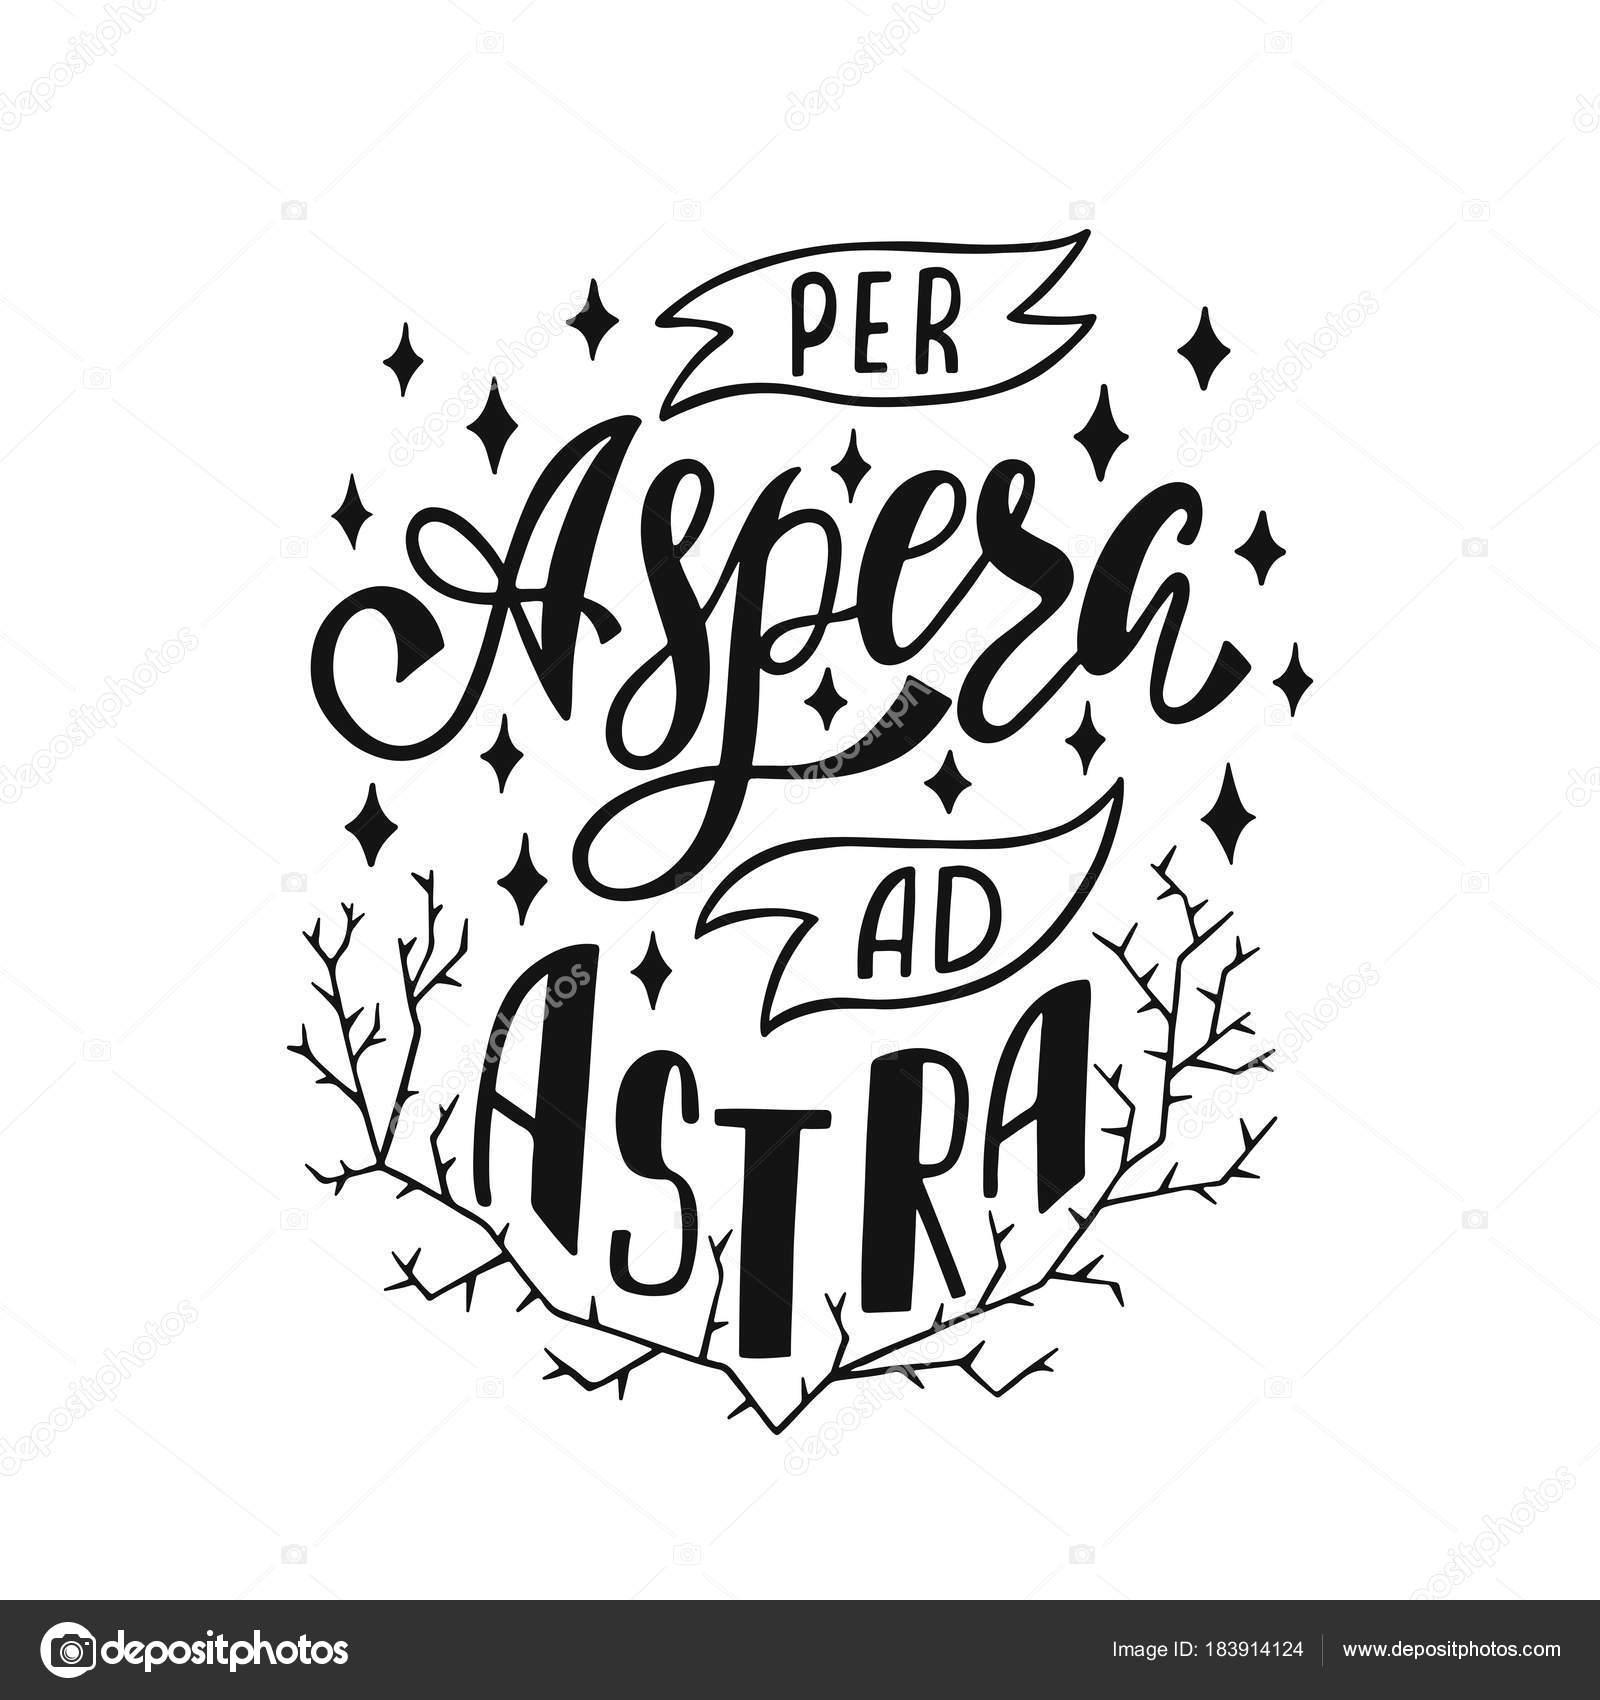 отель Per Astra объявления Aspera латинской фразы означает